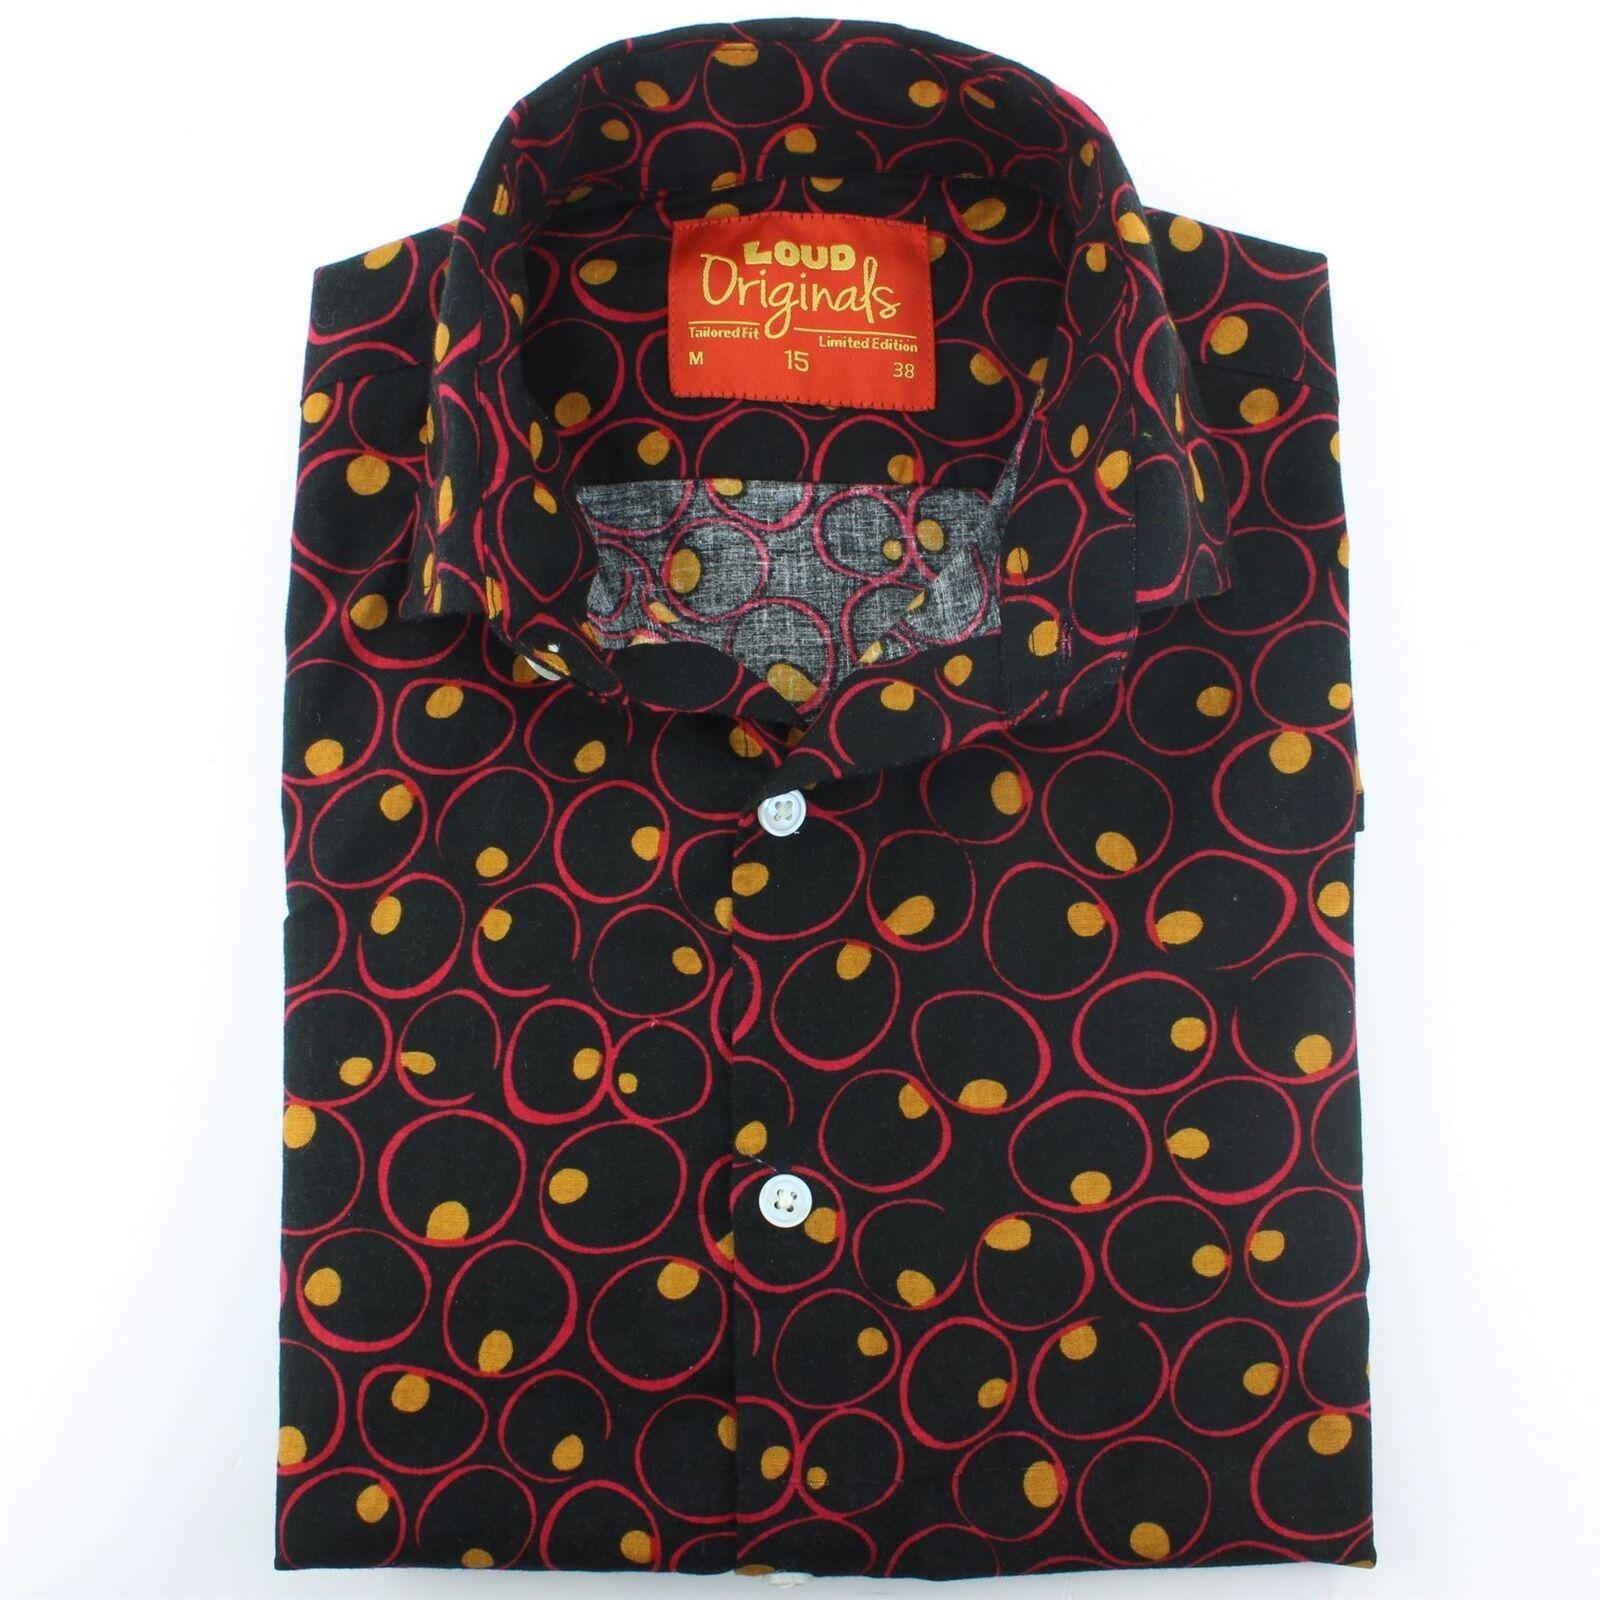 Camicia da uomo forte Originals SU MISURA Fit CELLE CELLE CELLE Nero Retro Psichedelico Costume c13348